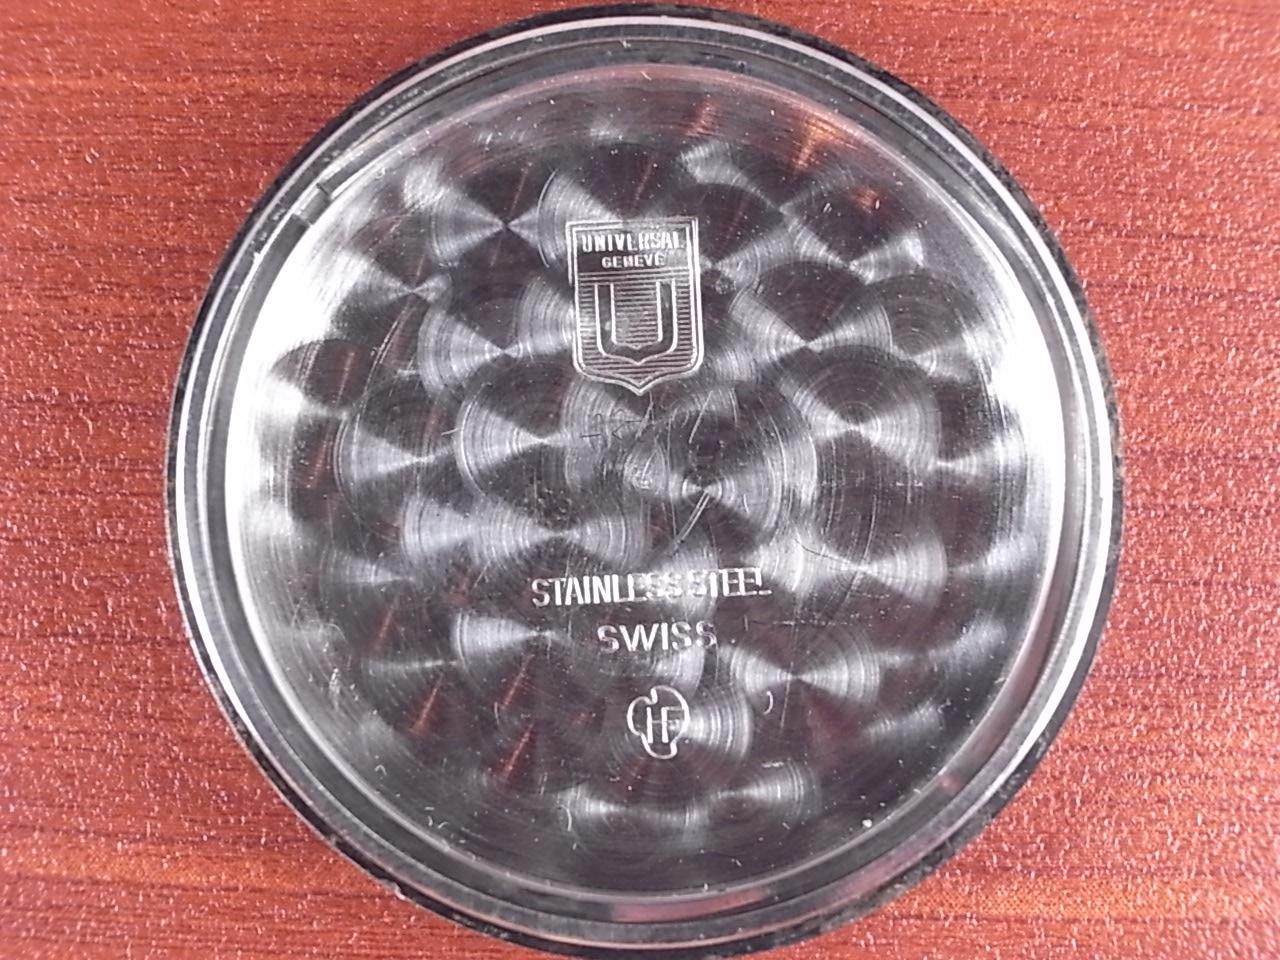 ユニバーサル トリコンパックス ブラックダイアル Ref.88110/02 1960年代の写真6枚目